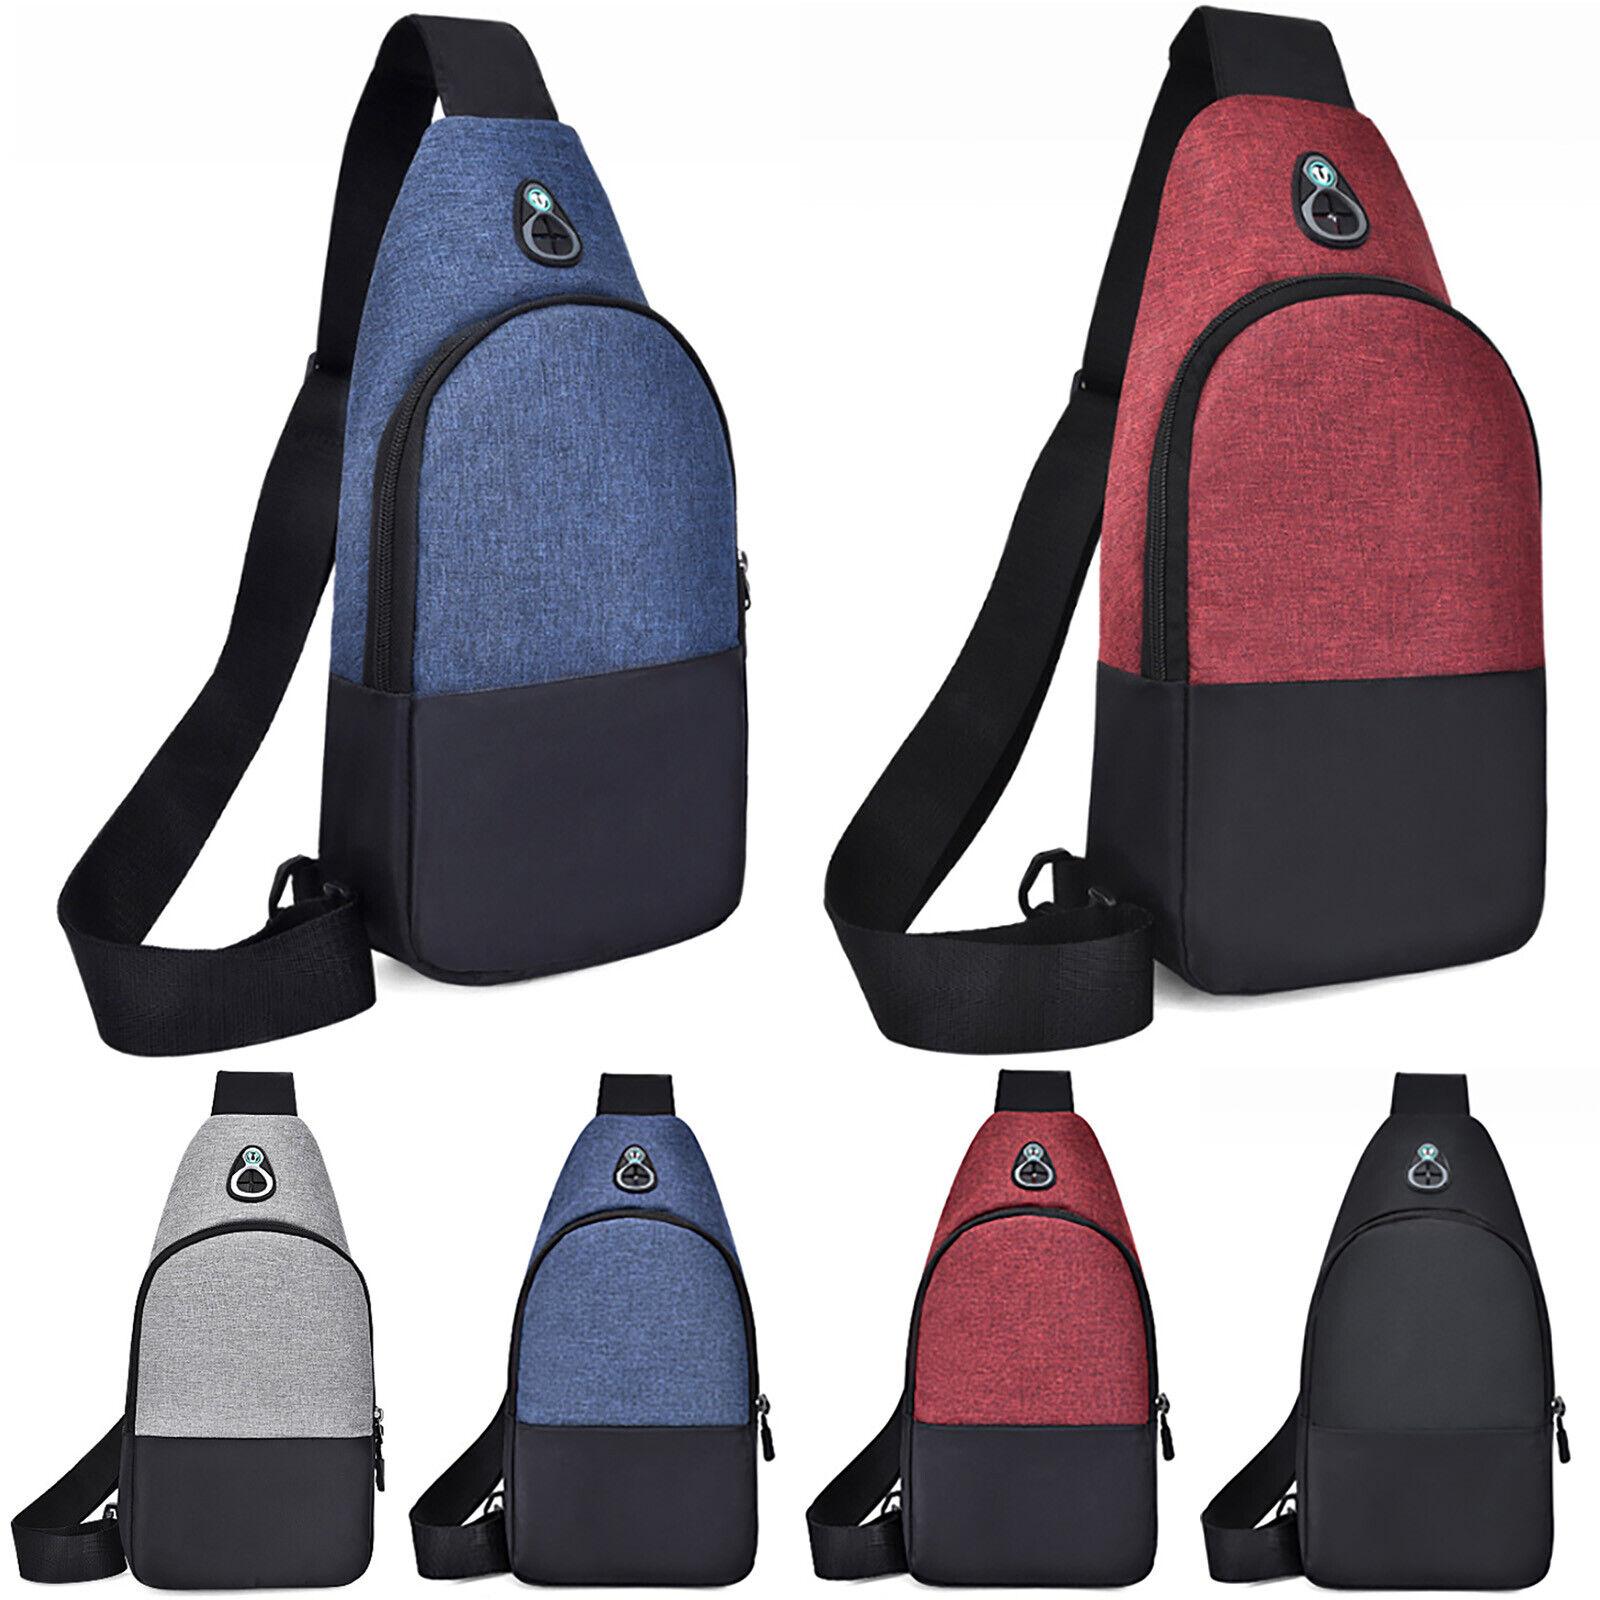 Mens Backpack Sling Chest Pack Bag Travel Crossbody Sports Shoulder Ba... - s l1600